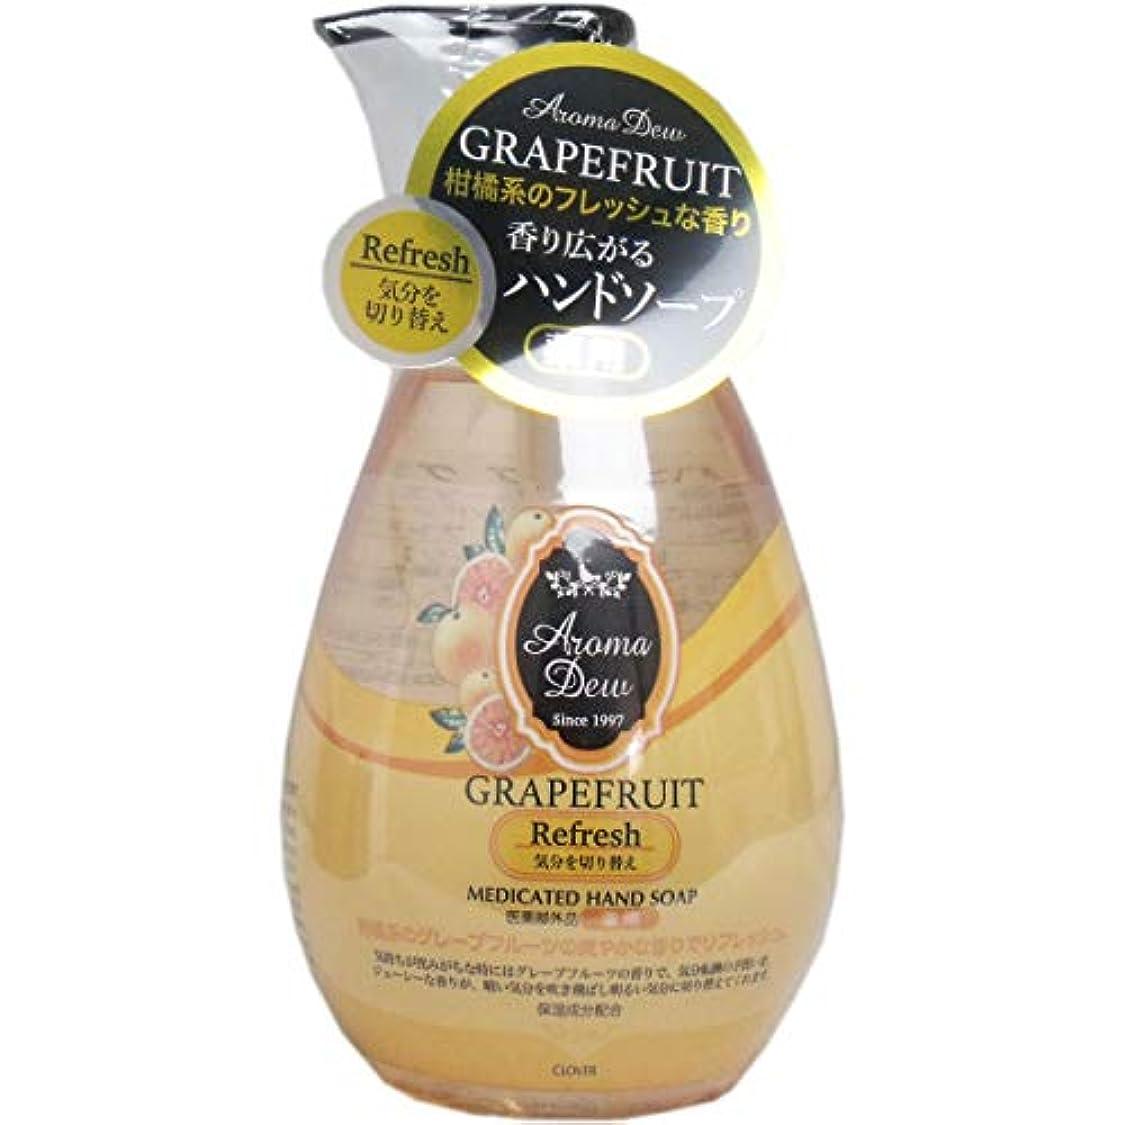 収容する消去うがい薬用アロマデュウ ハンドソープ グレープフルーツの香り 260mL×2個セット